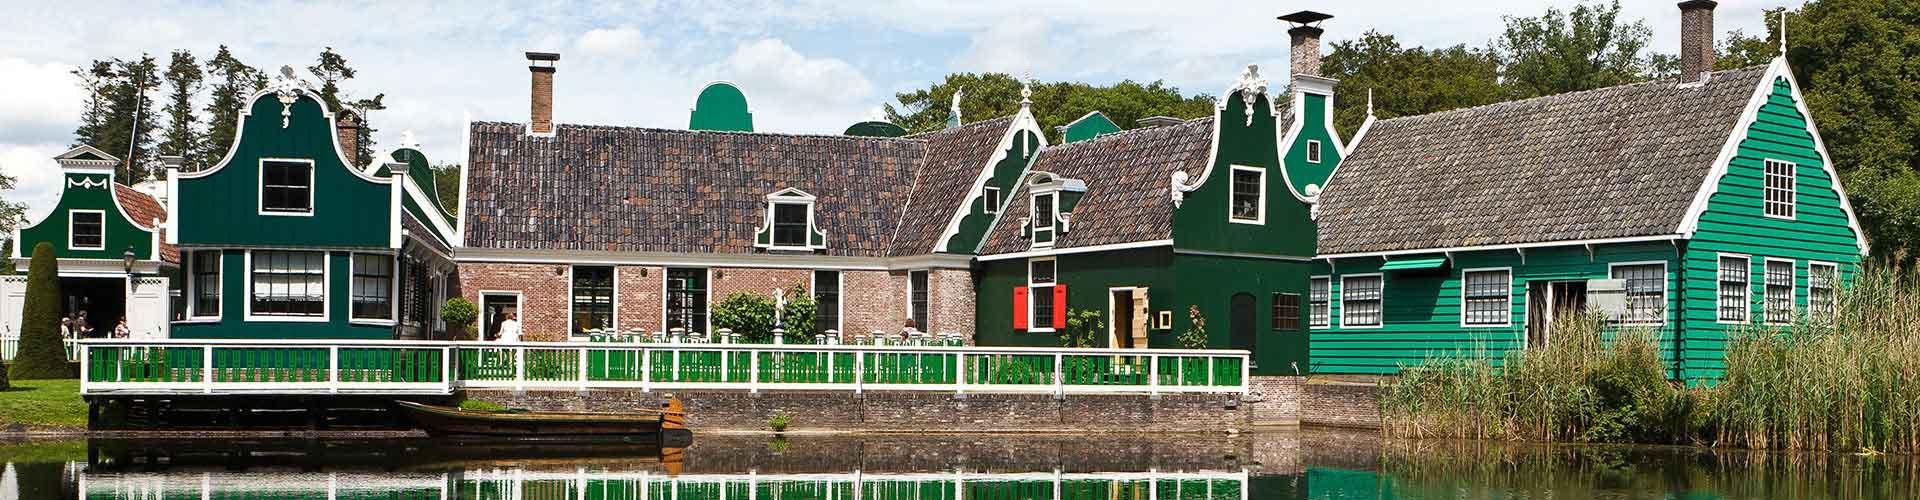 Arnhem - Appartments à Arnhem. Cartes pour Arnhem, photos et commentaires pour chaque appartement à Arnhem.